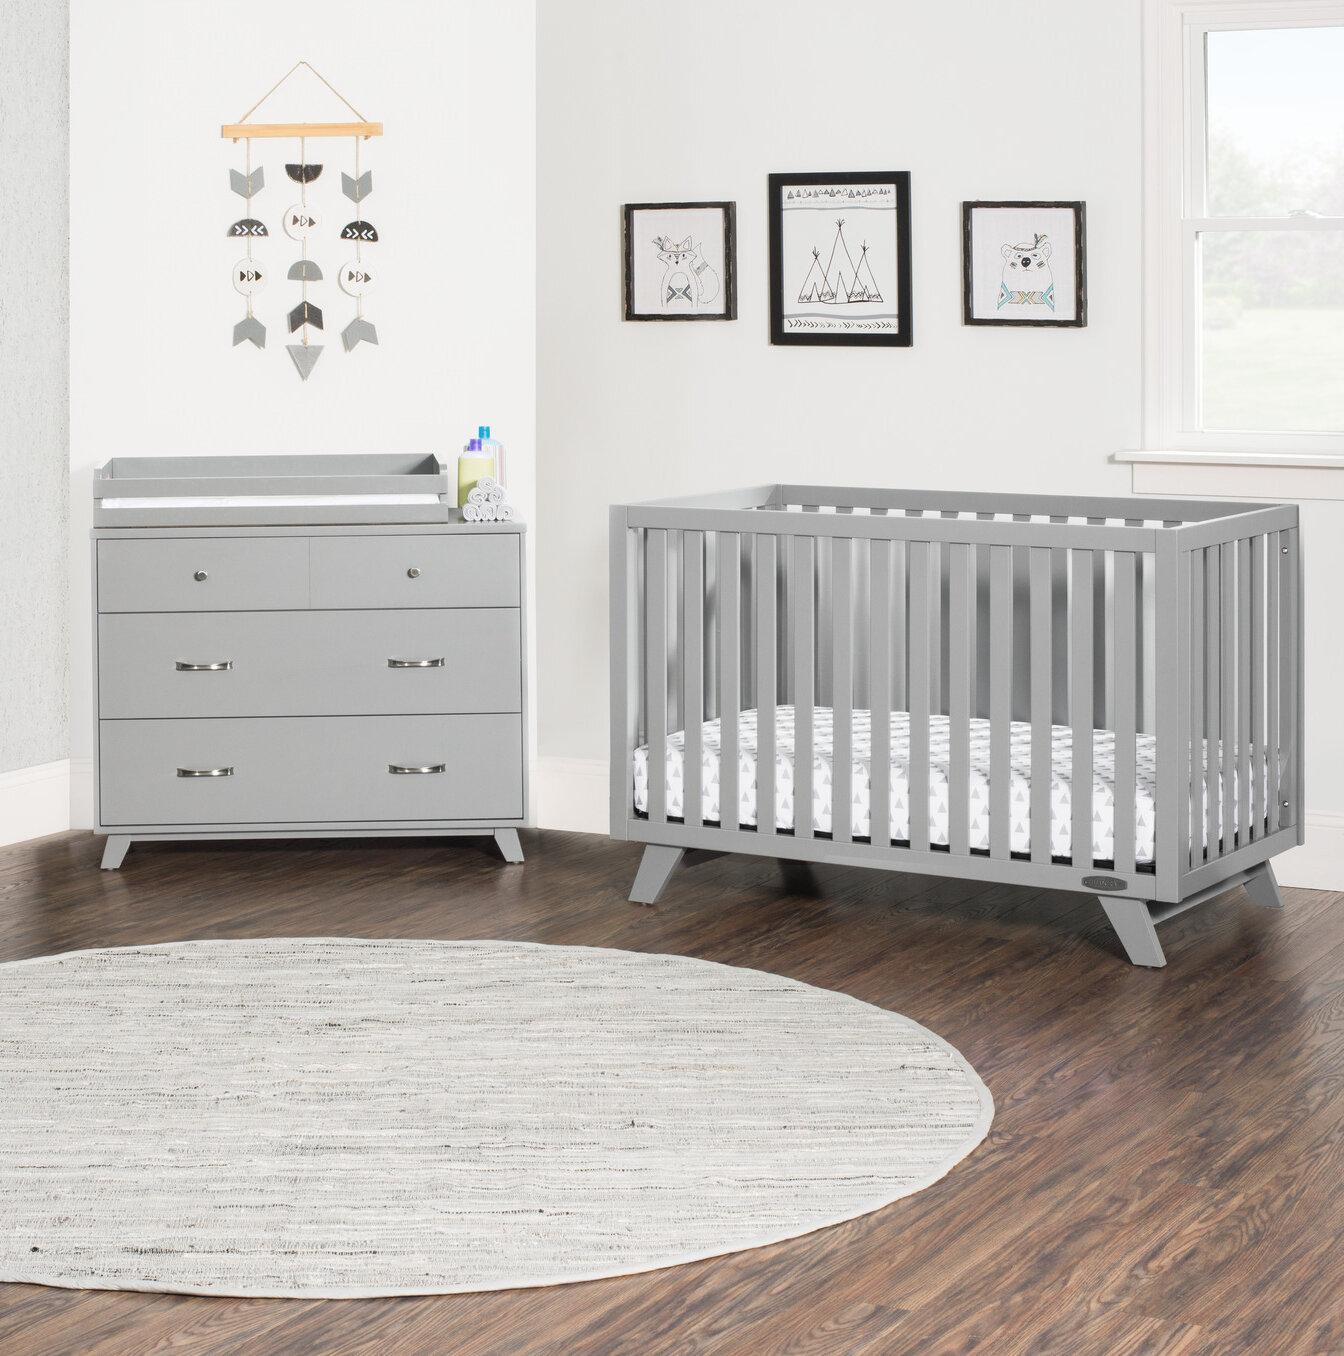 2 Piece Nursery Furniture Set